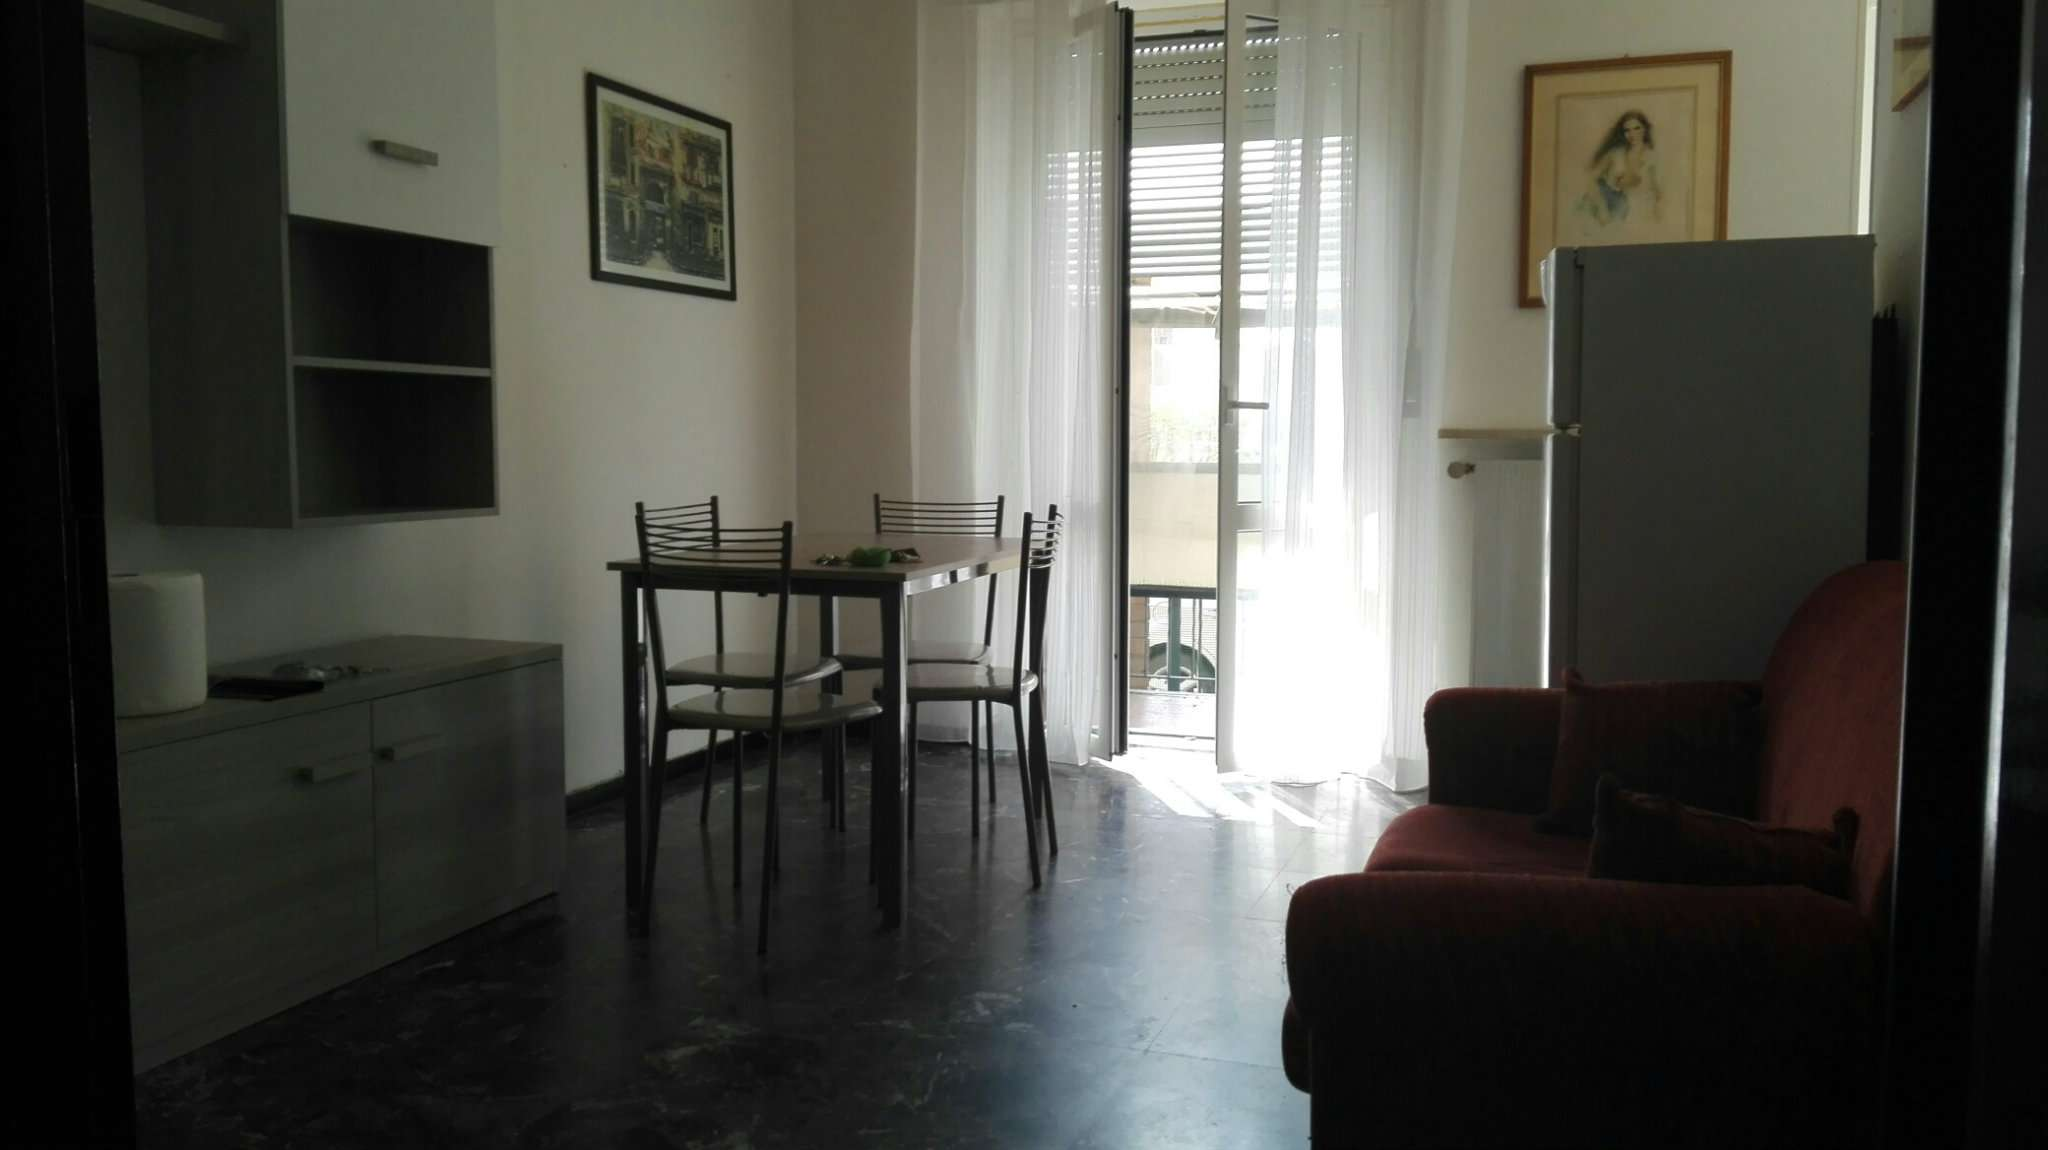 Appartamento in affitto a Alessandria, 2 locali, prezzo € 360 | CambioCasa.it